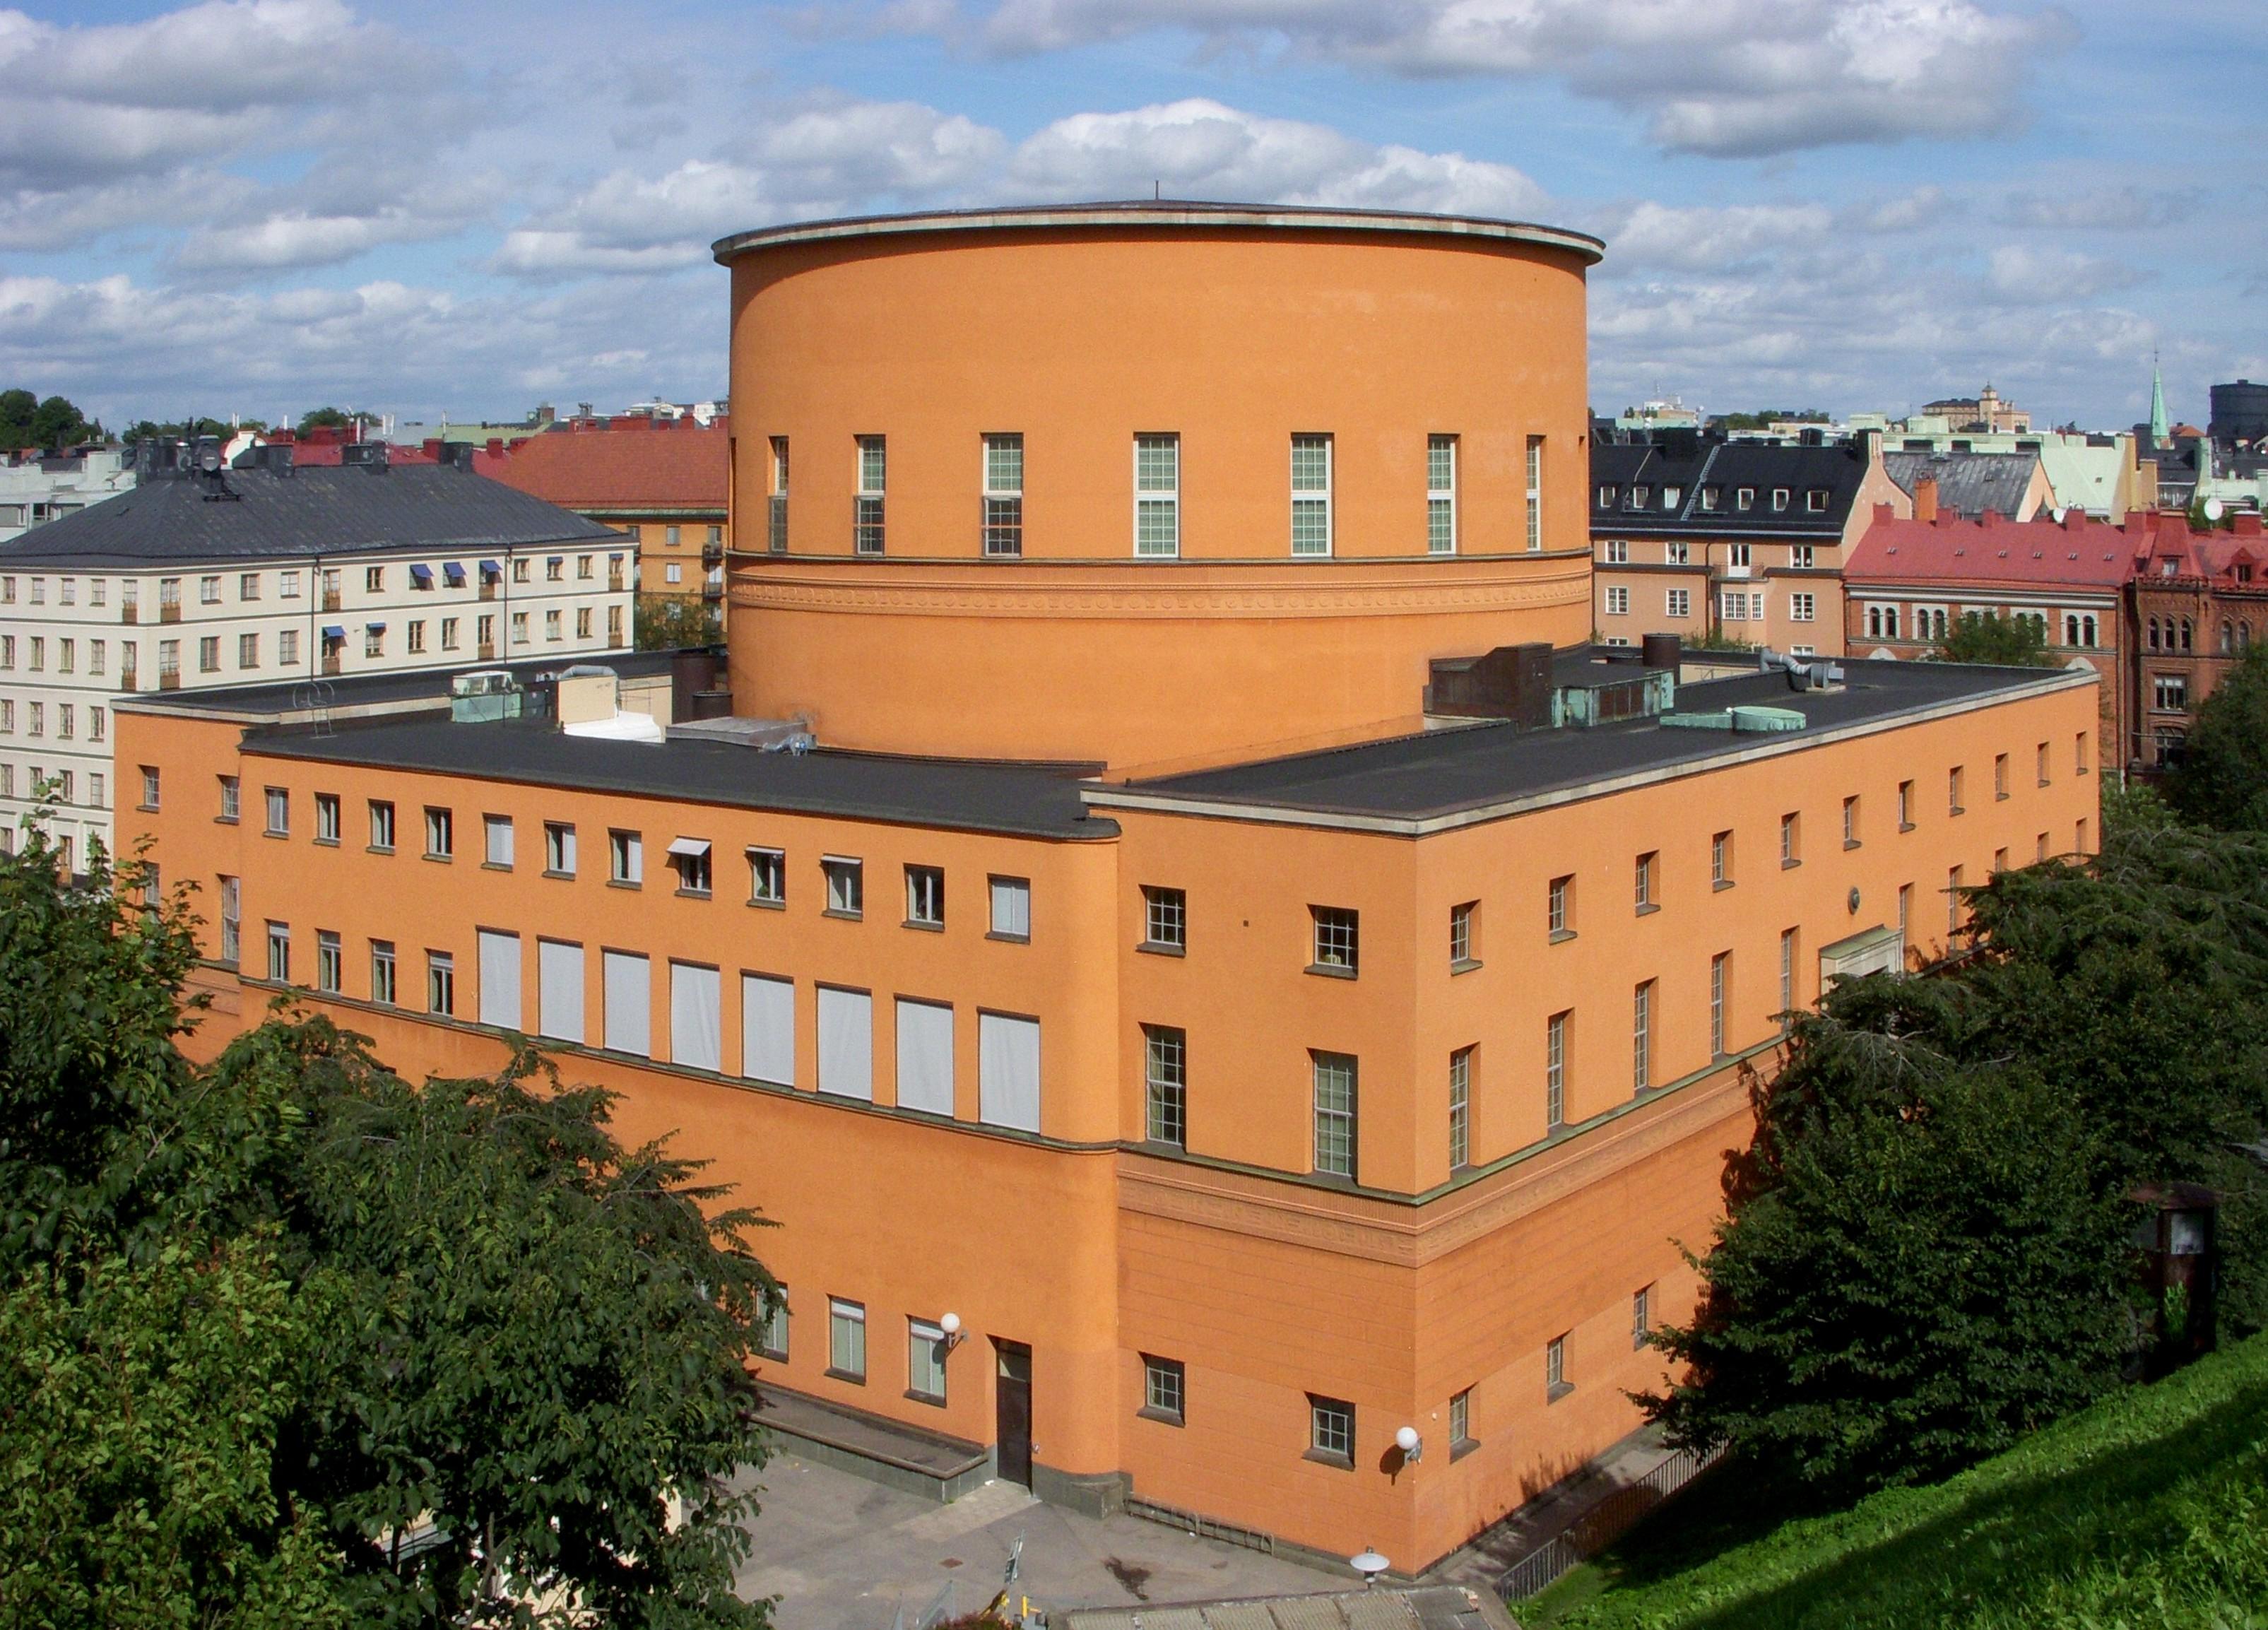 stadsbibliotek